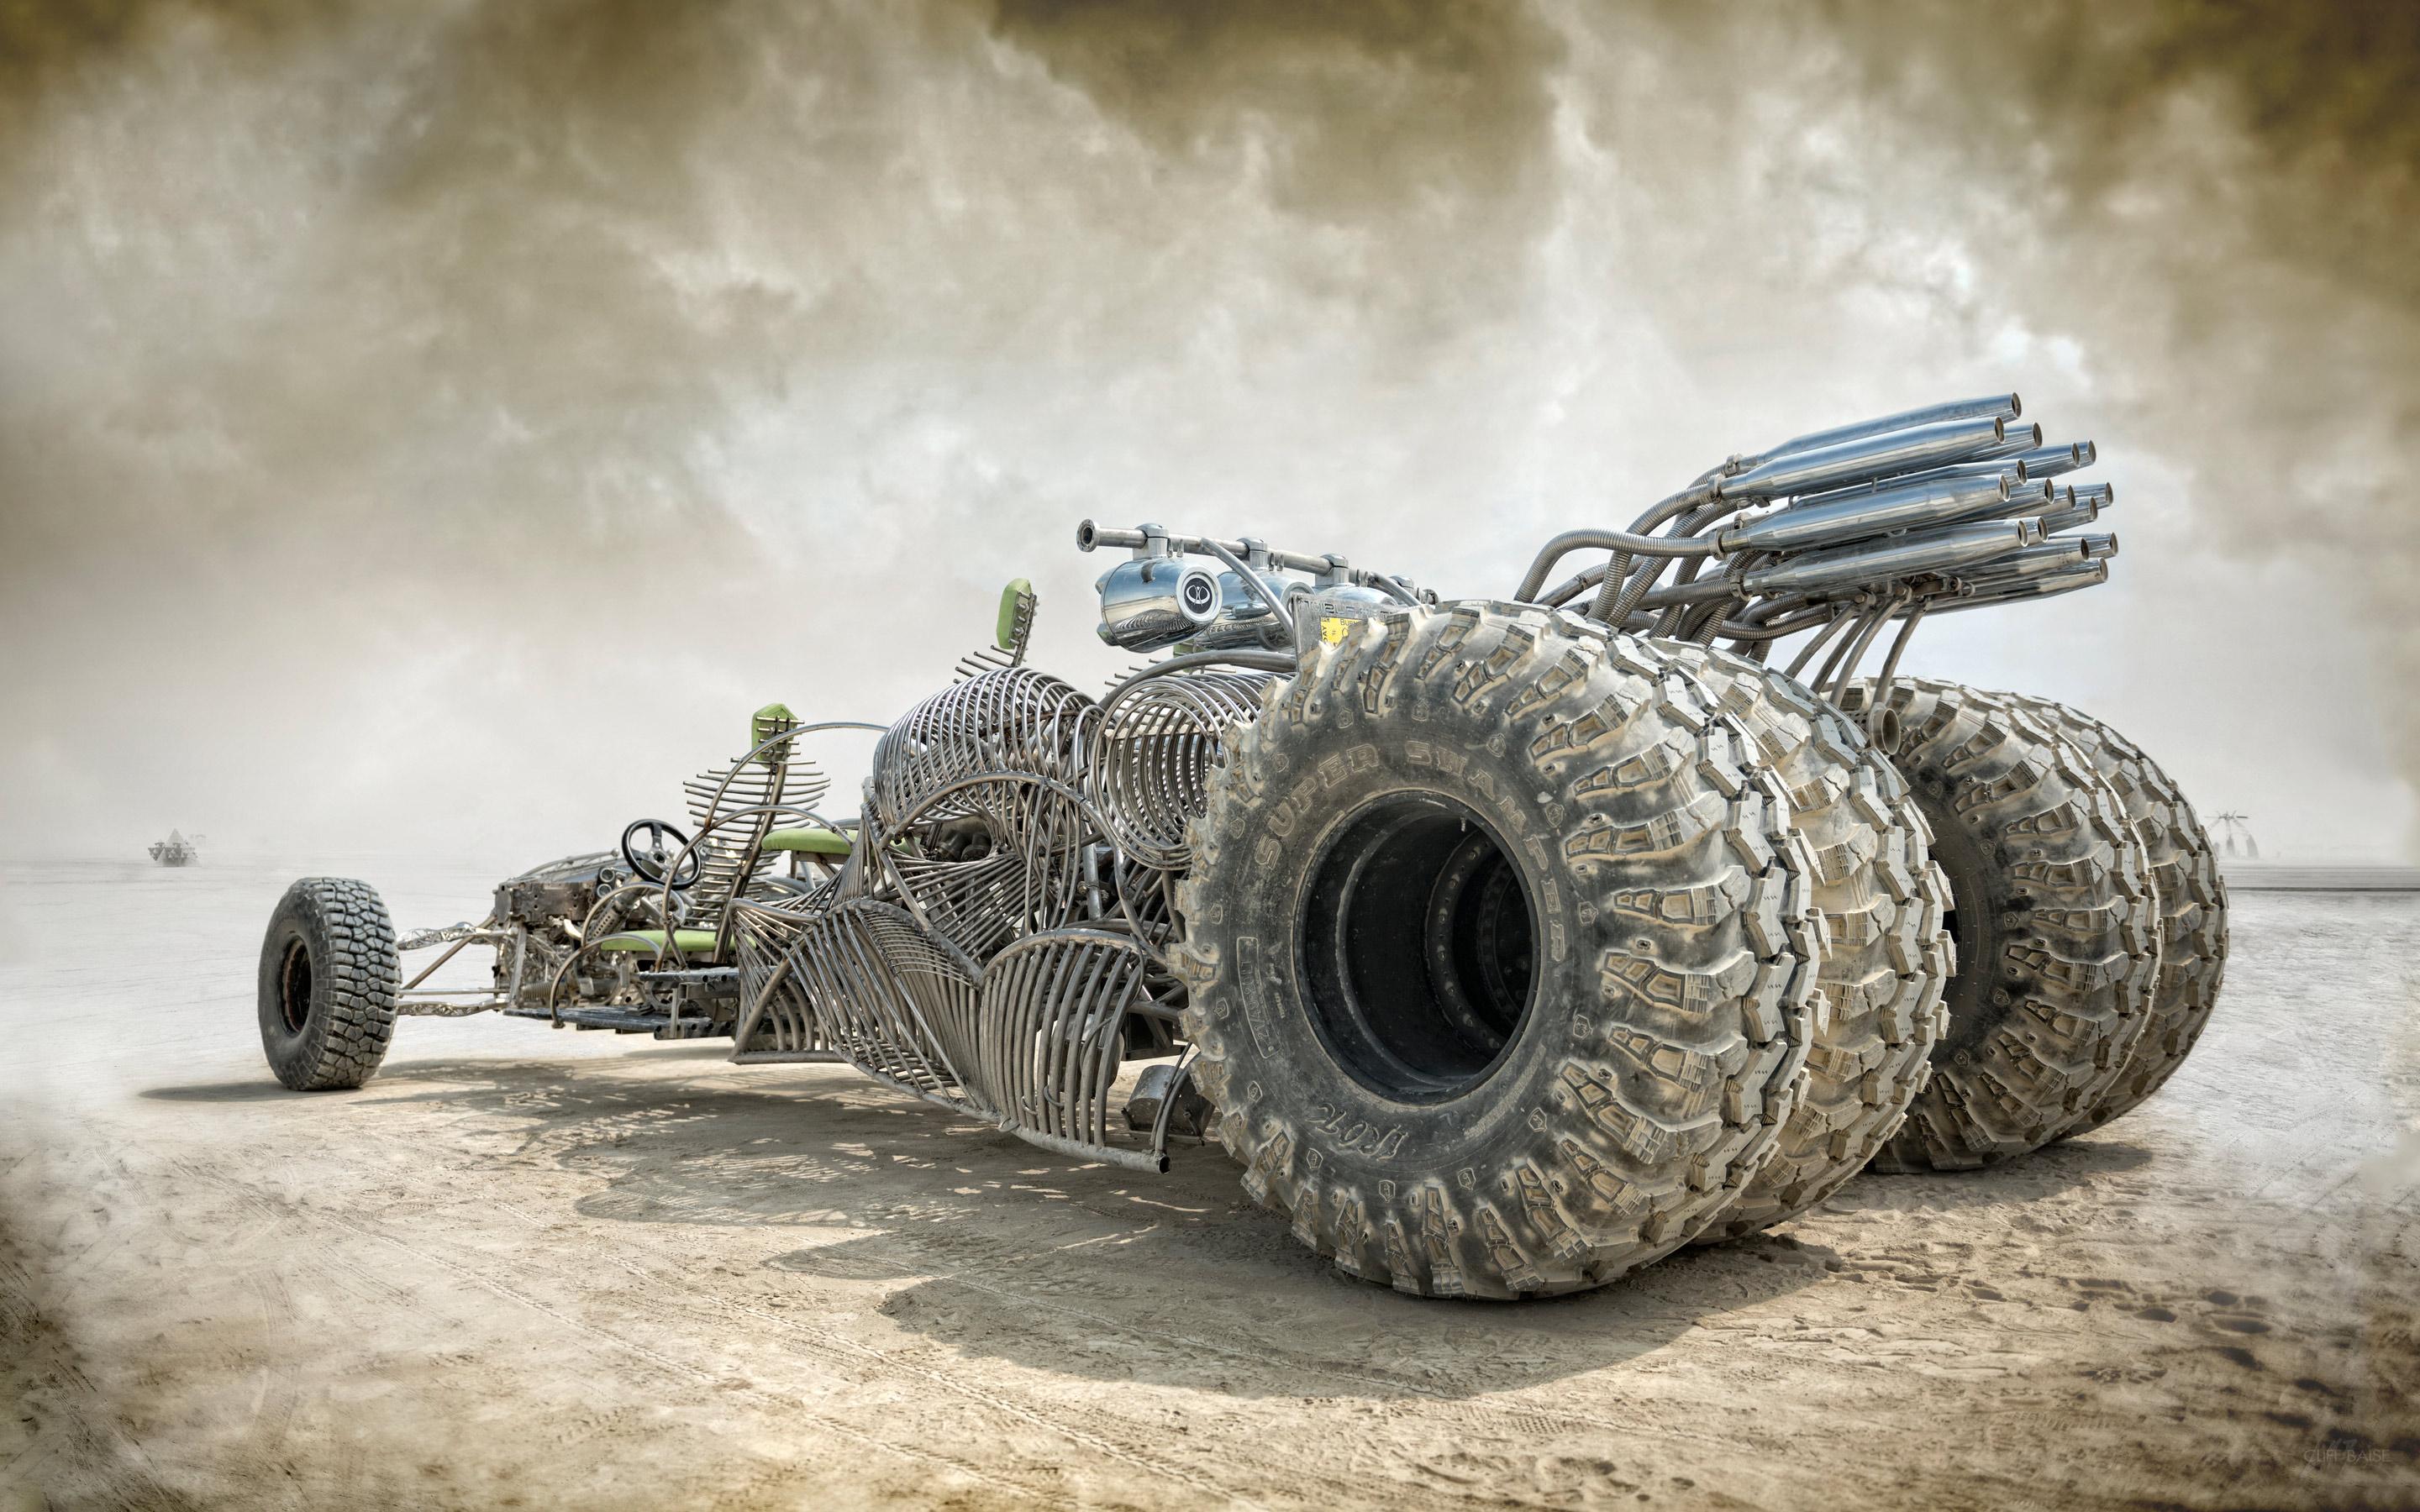 Mad Max Fantasy Car HD Wallpaper 2880x1800